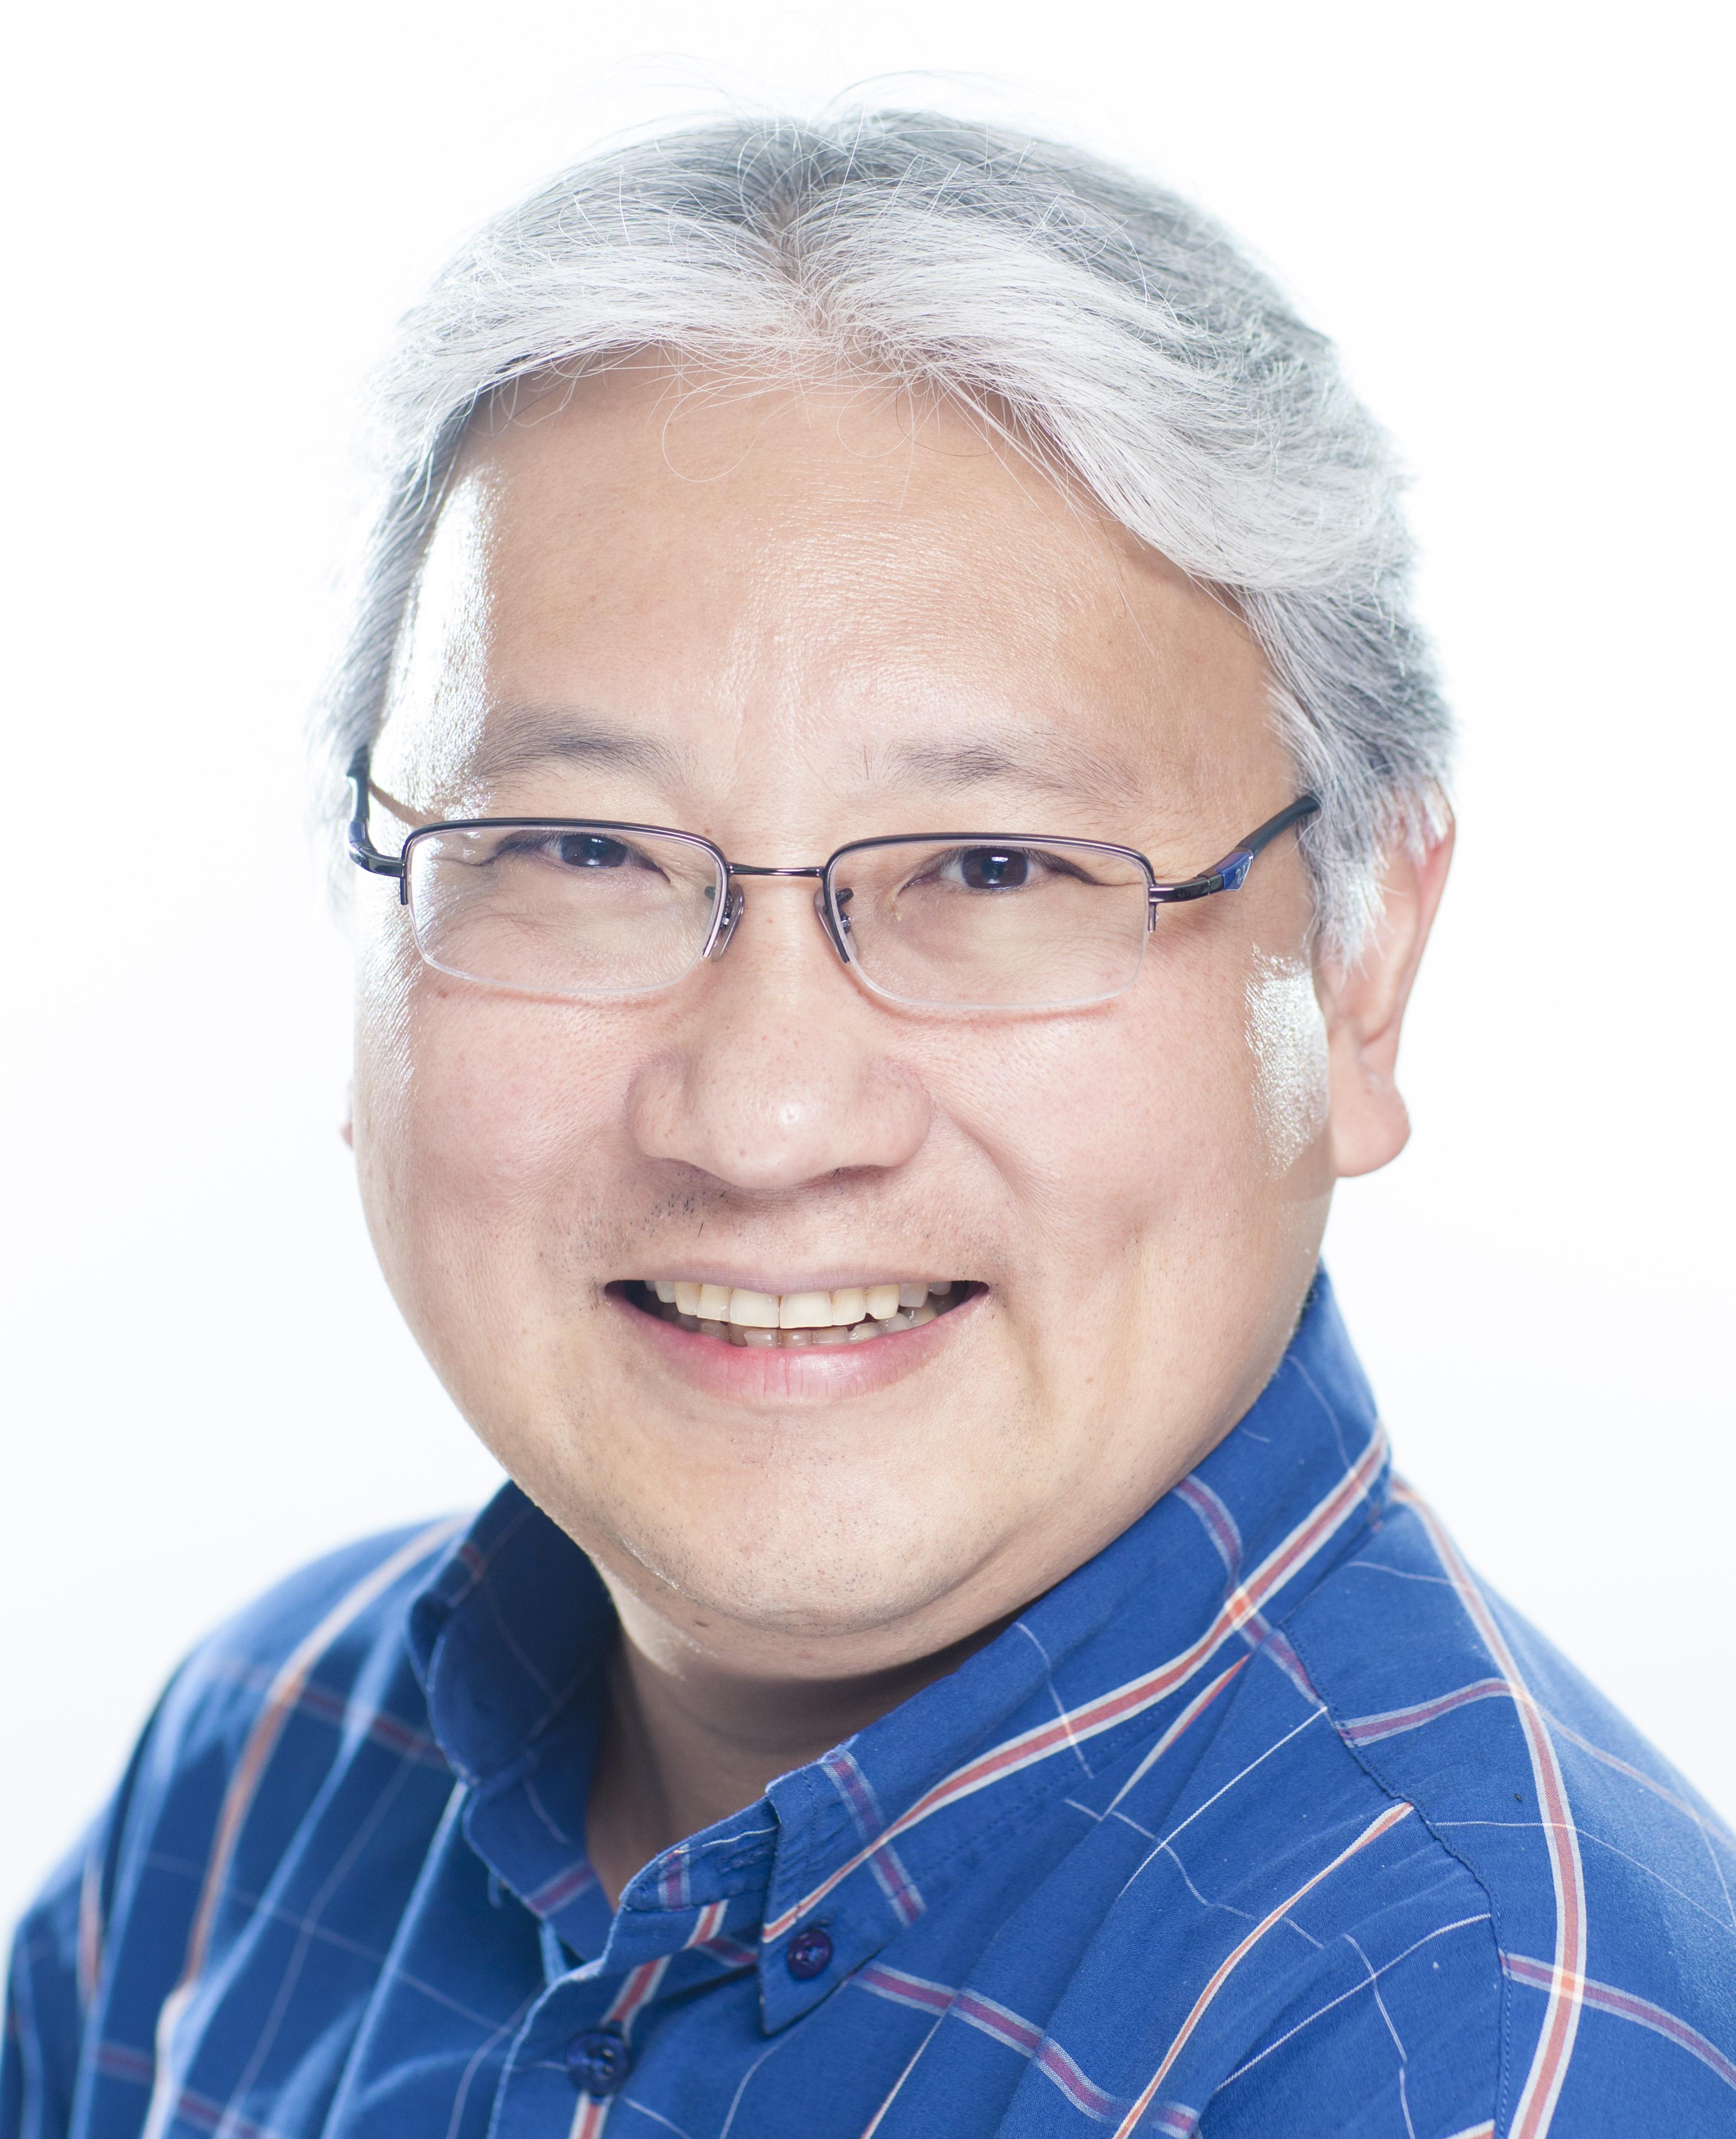 Professor Guan Heng Yeoh